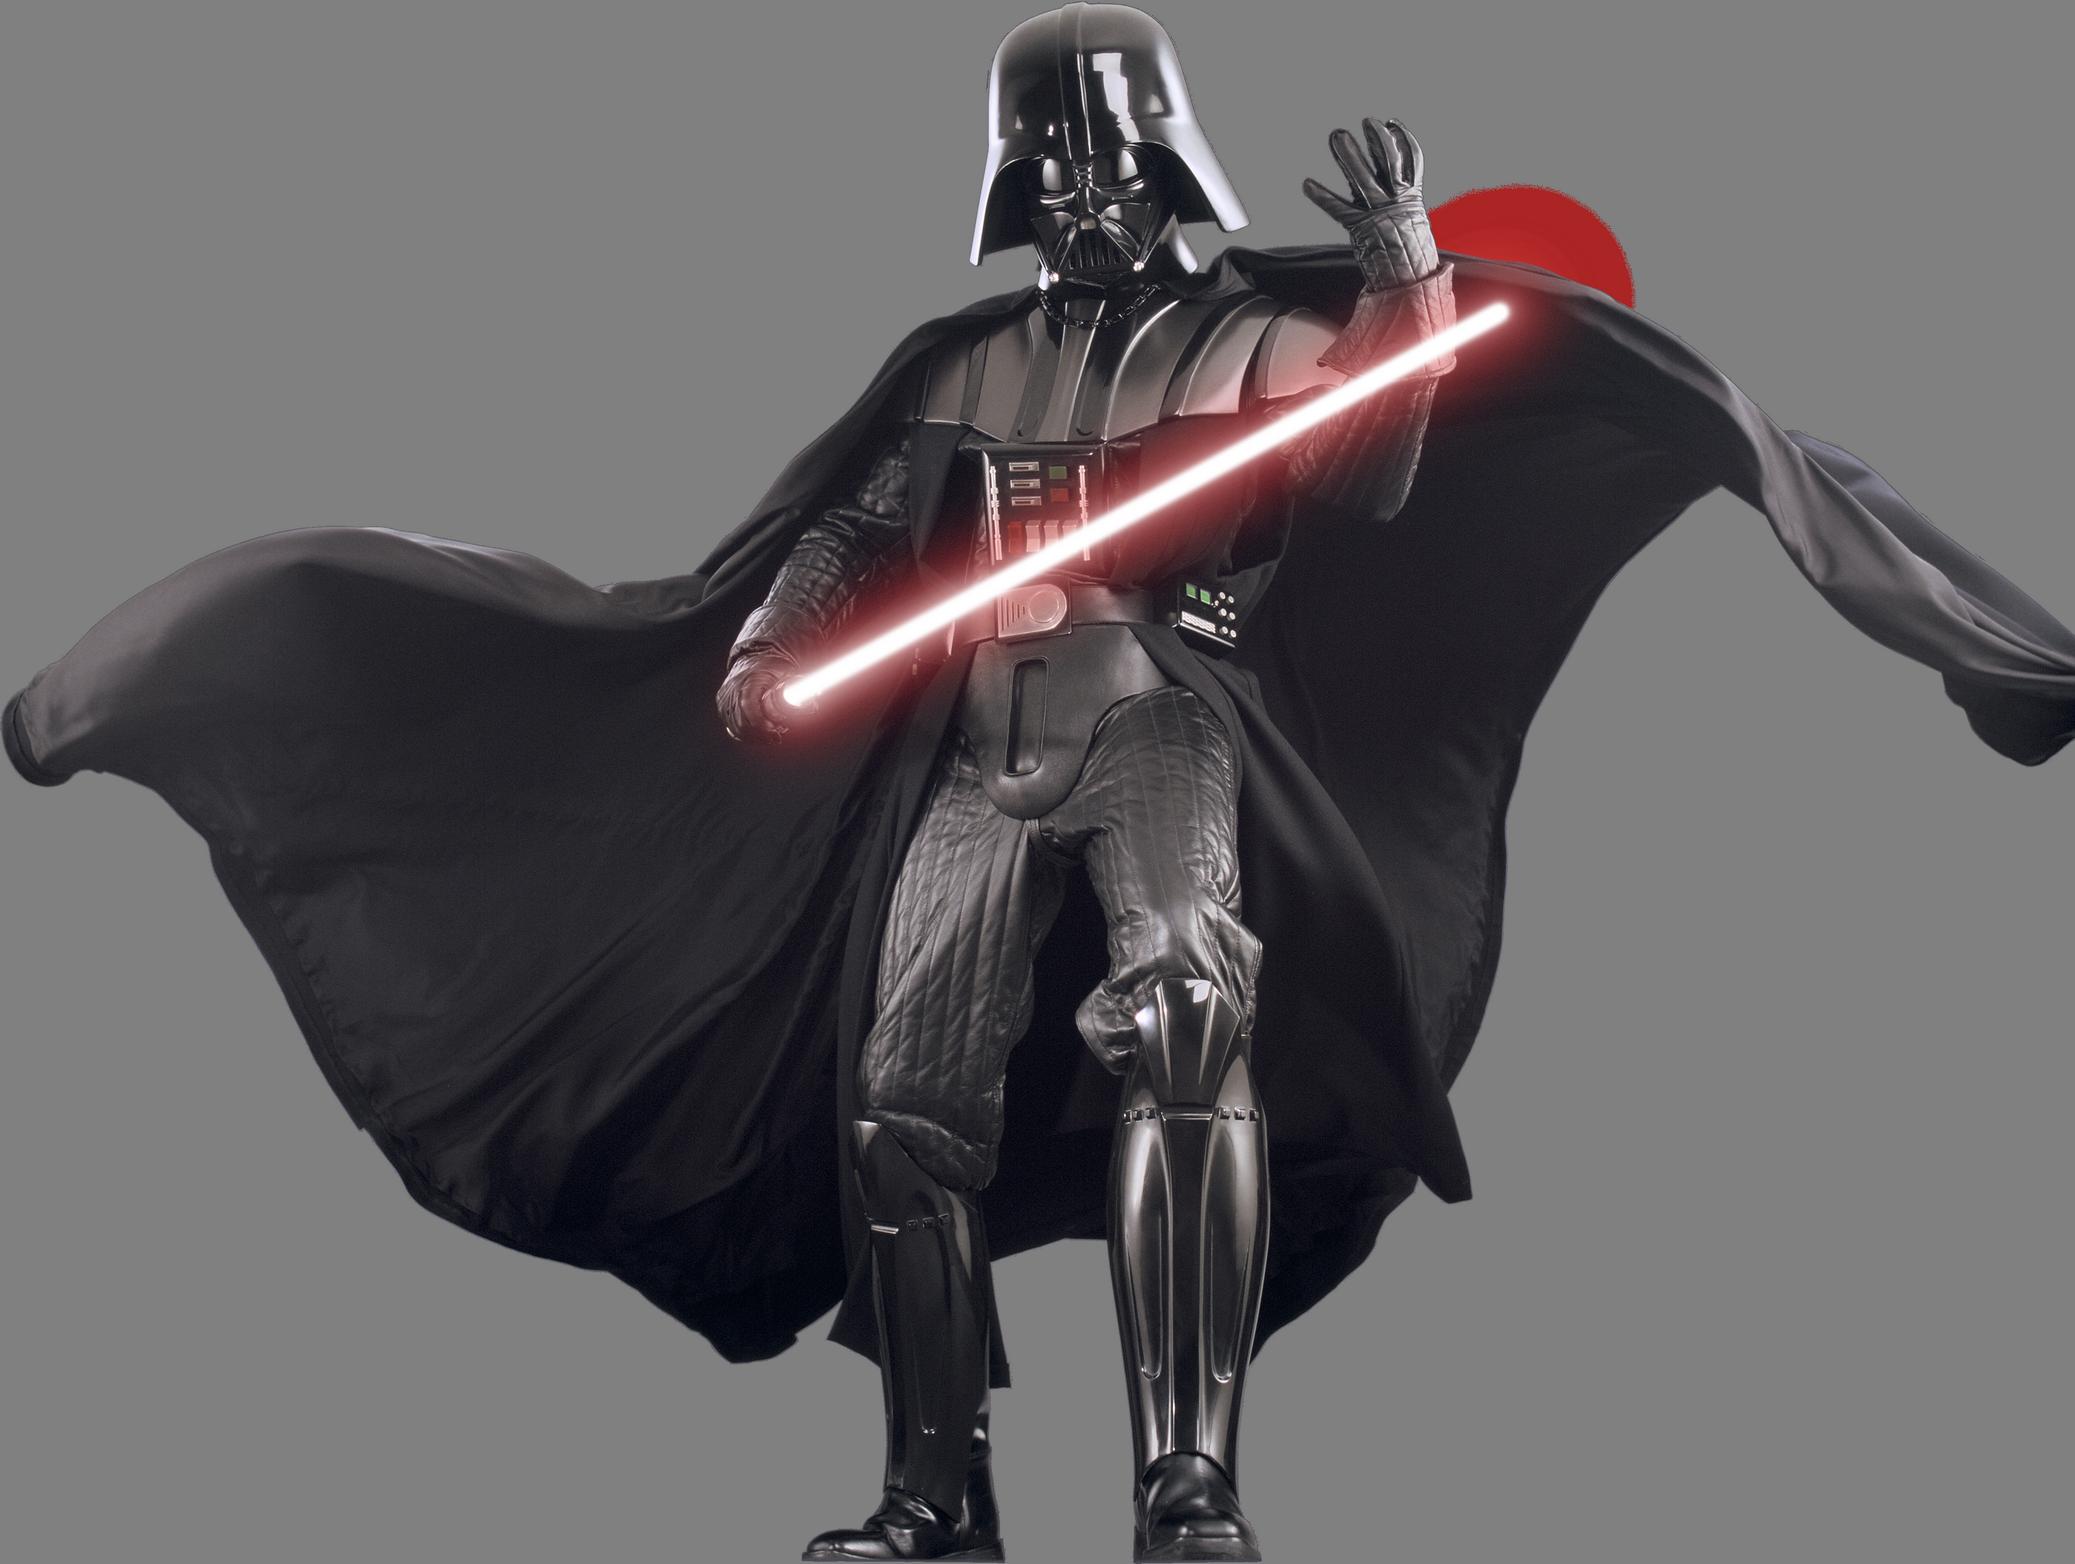 Darth Vader Png Image Hayden Christensen Darth Vader Png Star Wars